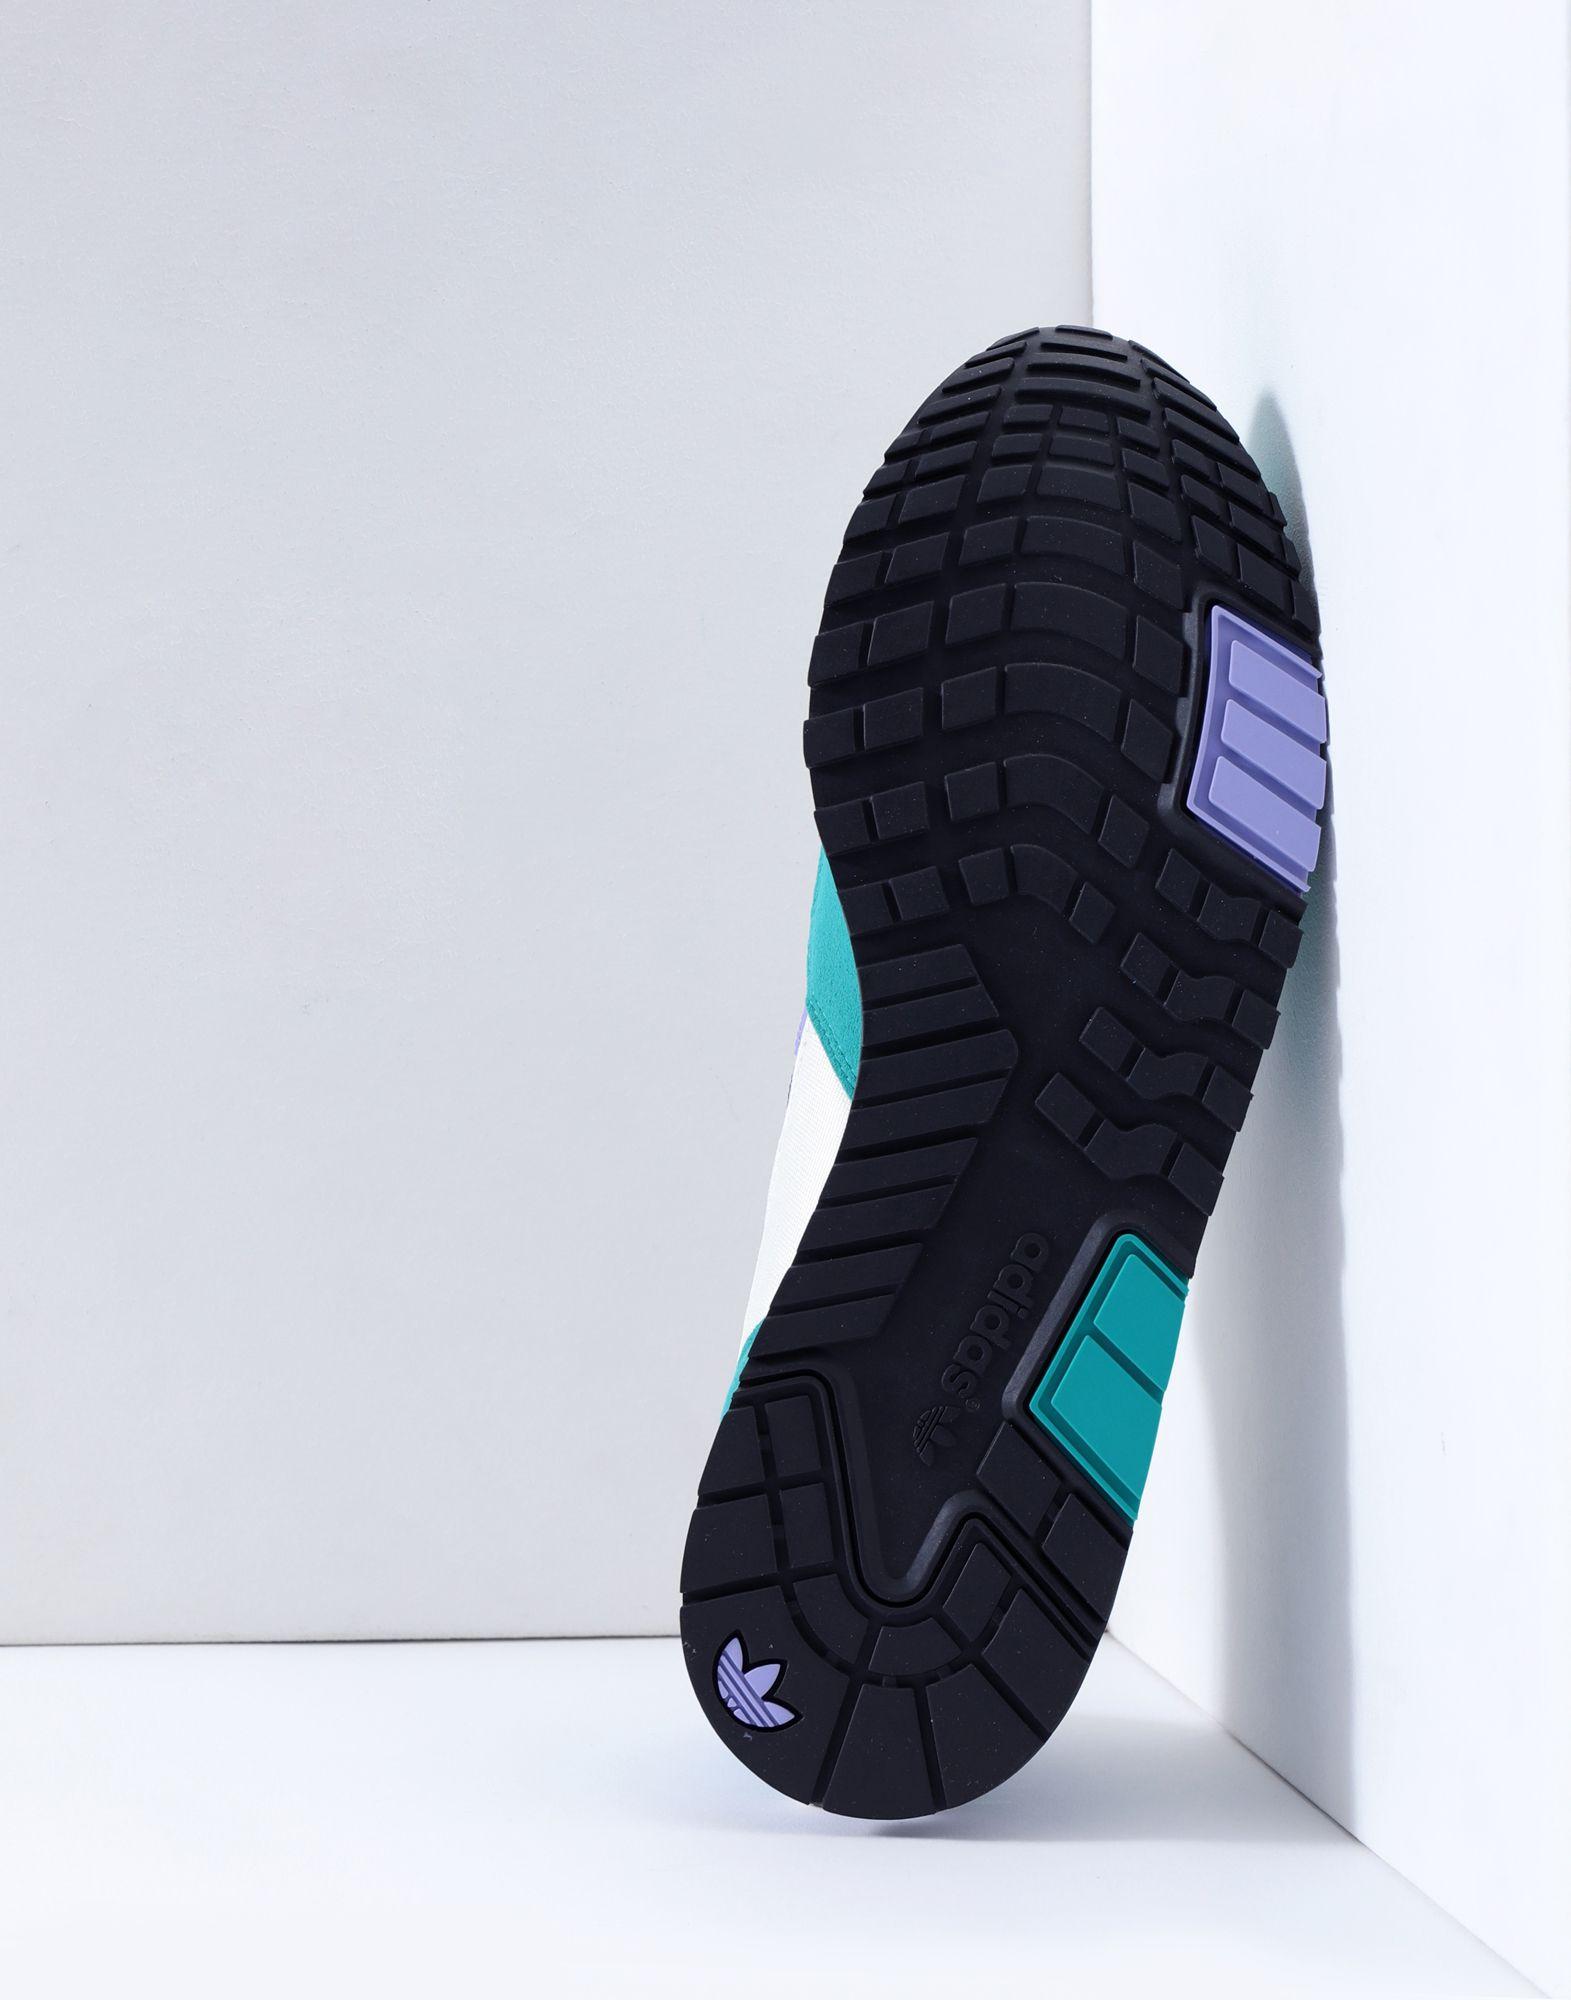 Adidas Originals sich Niedrigertree Spzl Gutes Preis-Leistungs-Verhältnis, es lohnt sich Originals c8fd16